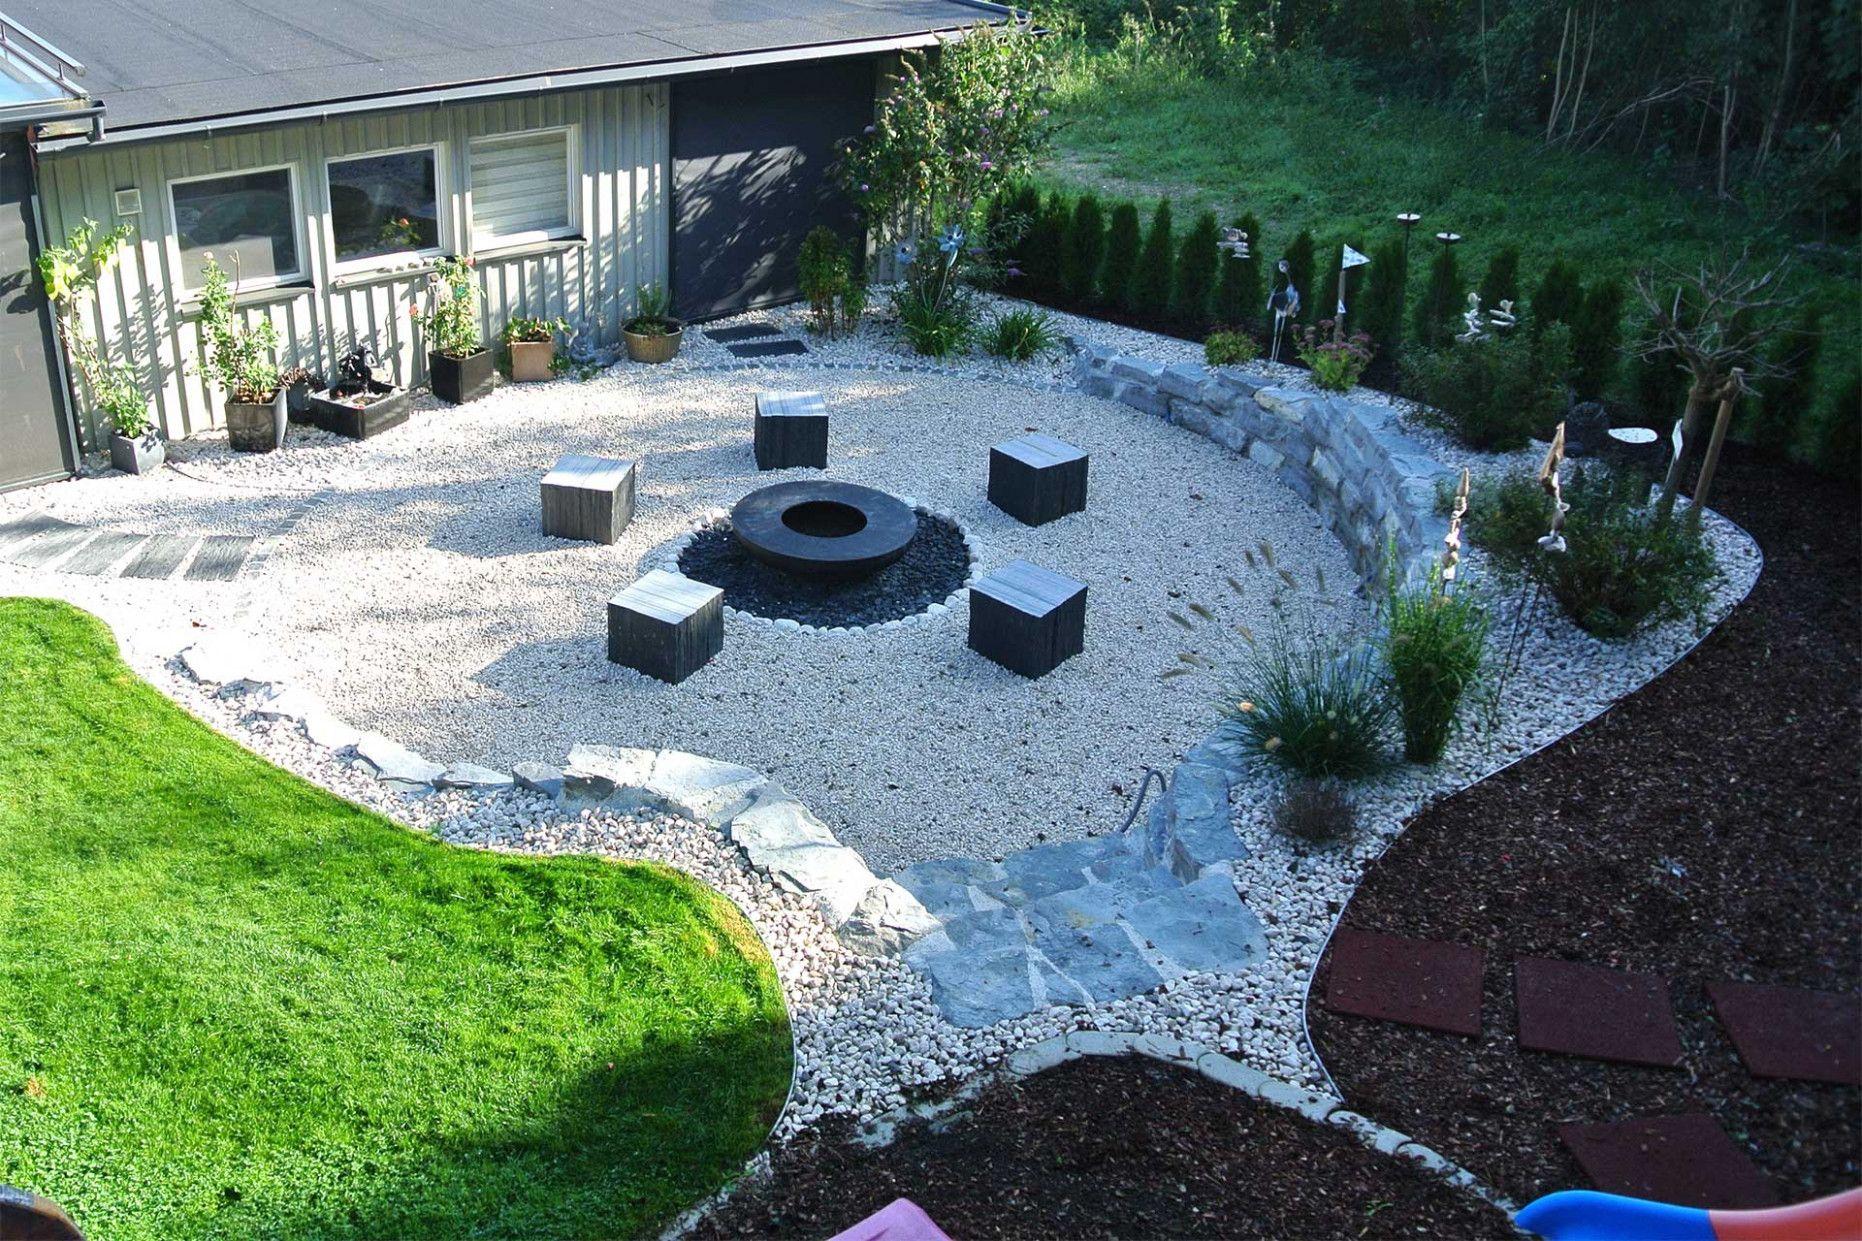 Garten Feuerstelle In 2021 Feuerstelle Garten Feuerstelle Gartenstruktur